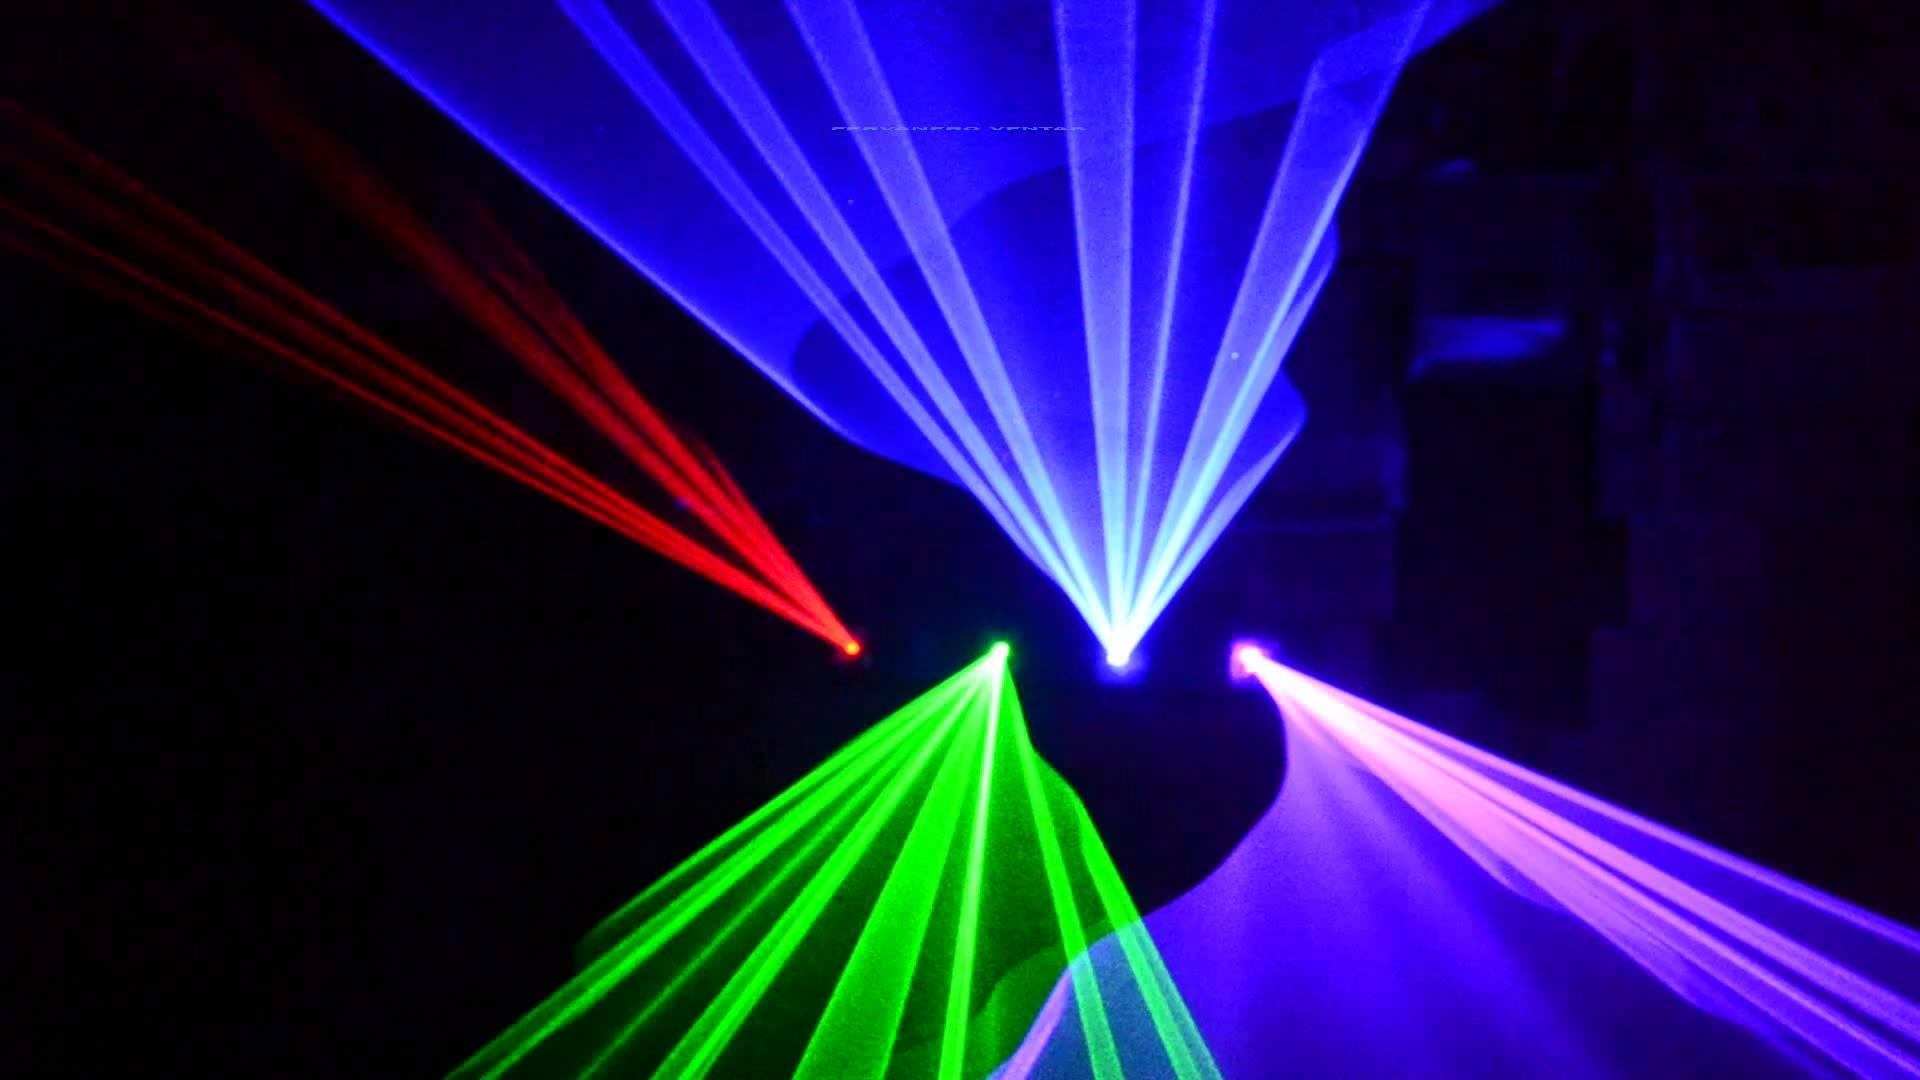 Quét tia laser 4 màu cực đẹp